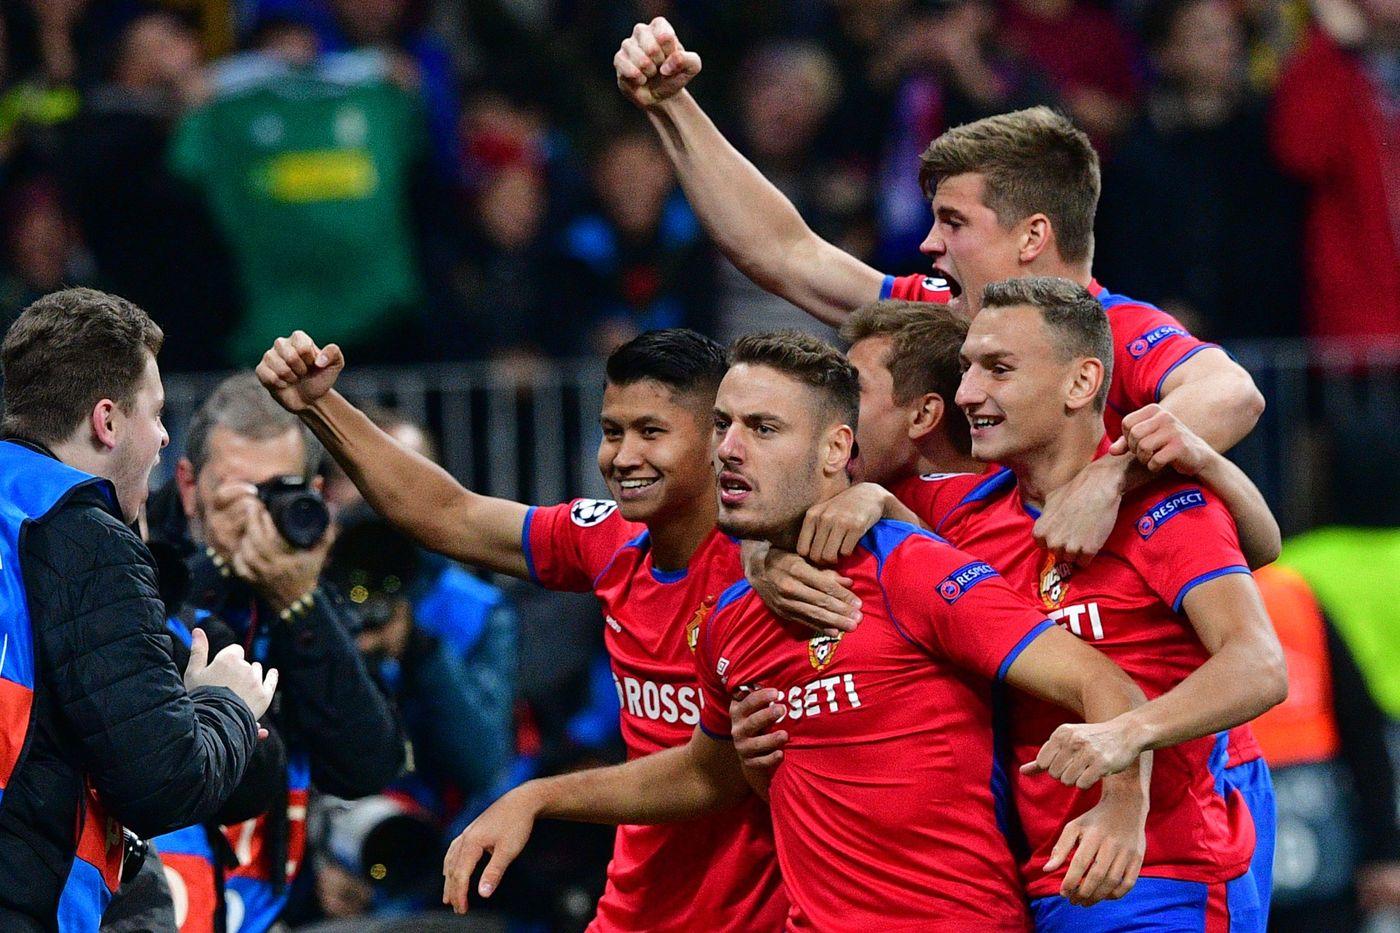 Premier League Russia 21 ottobre: si giocano 2 gare dell'11 esima giornata del campionato russo. Zenit in vetta a quota 25 punti.